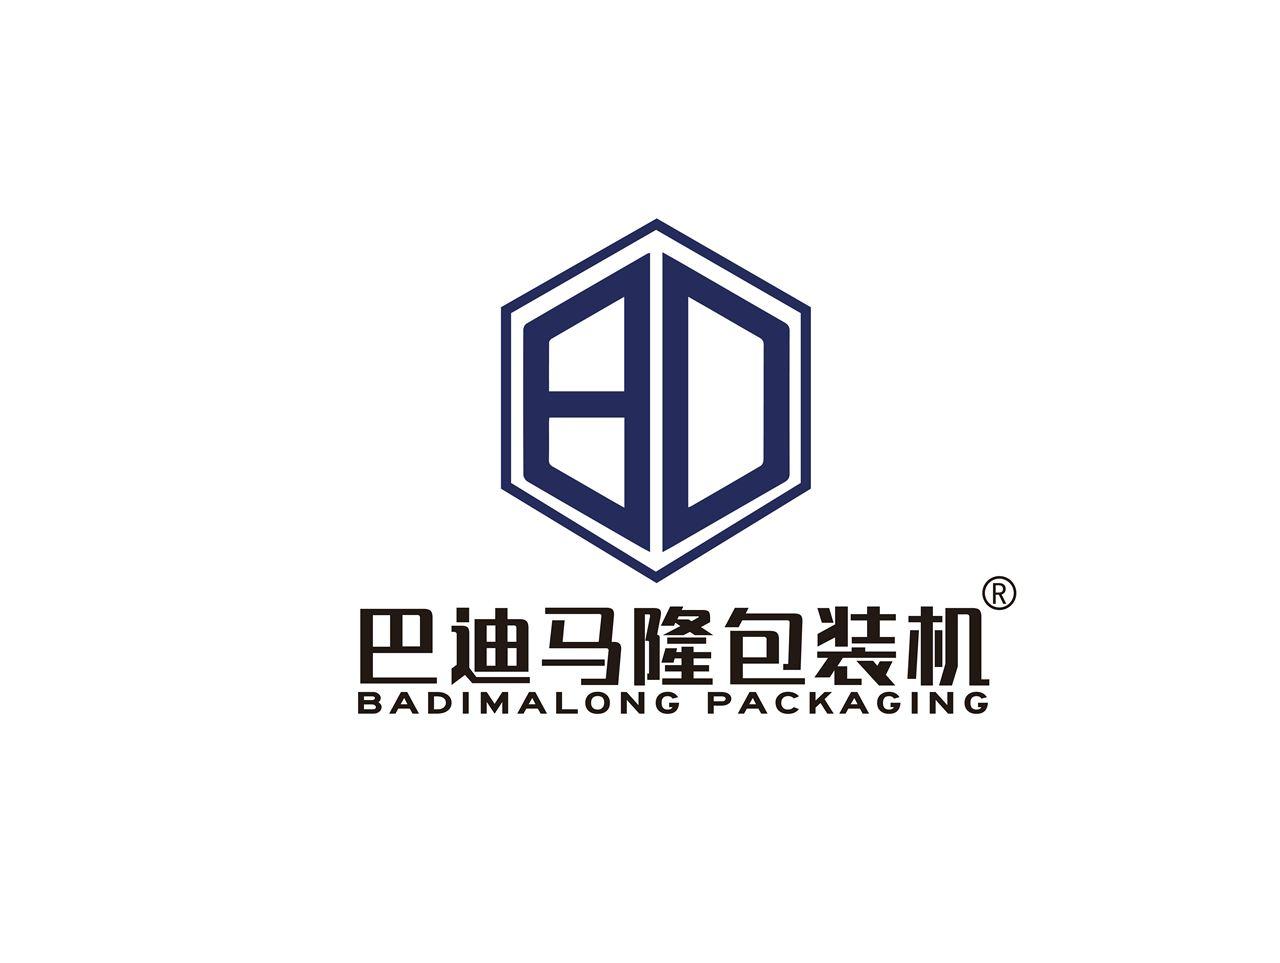 佛山市巴迪马隆包装机械有限公司